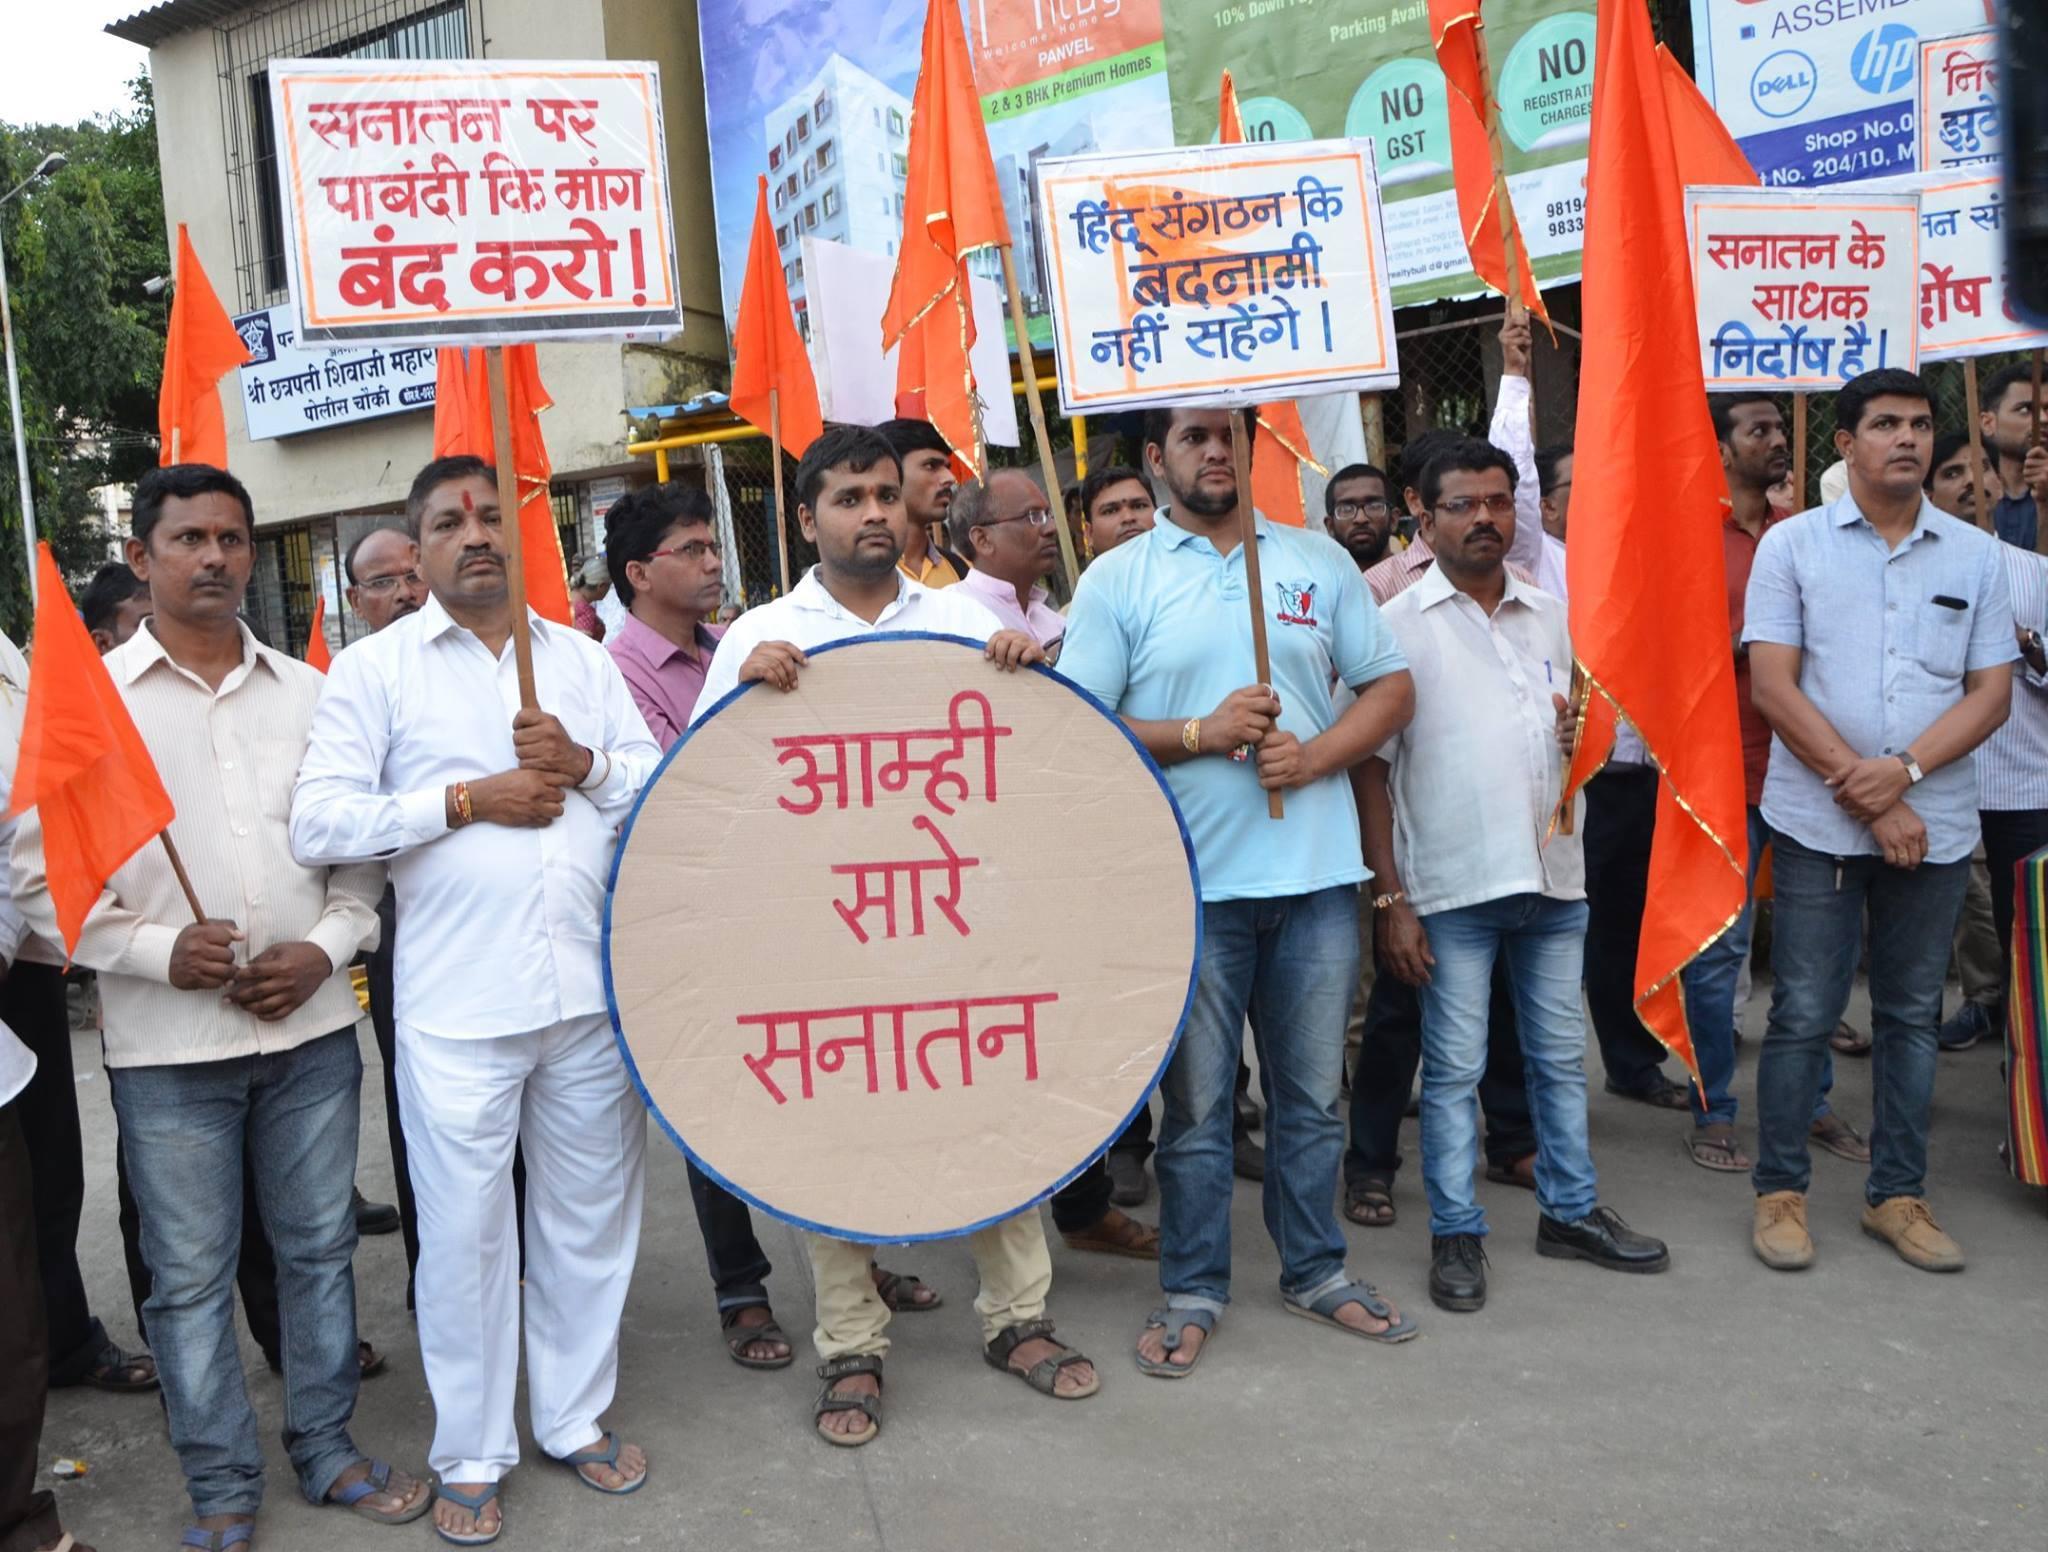 سناتن سنستھا پر پابندی کی مانگ کے خلاف مظاہرہ (فوٹو : فیس بک)